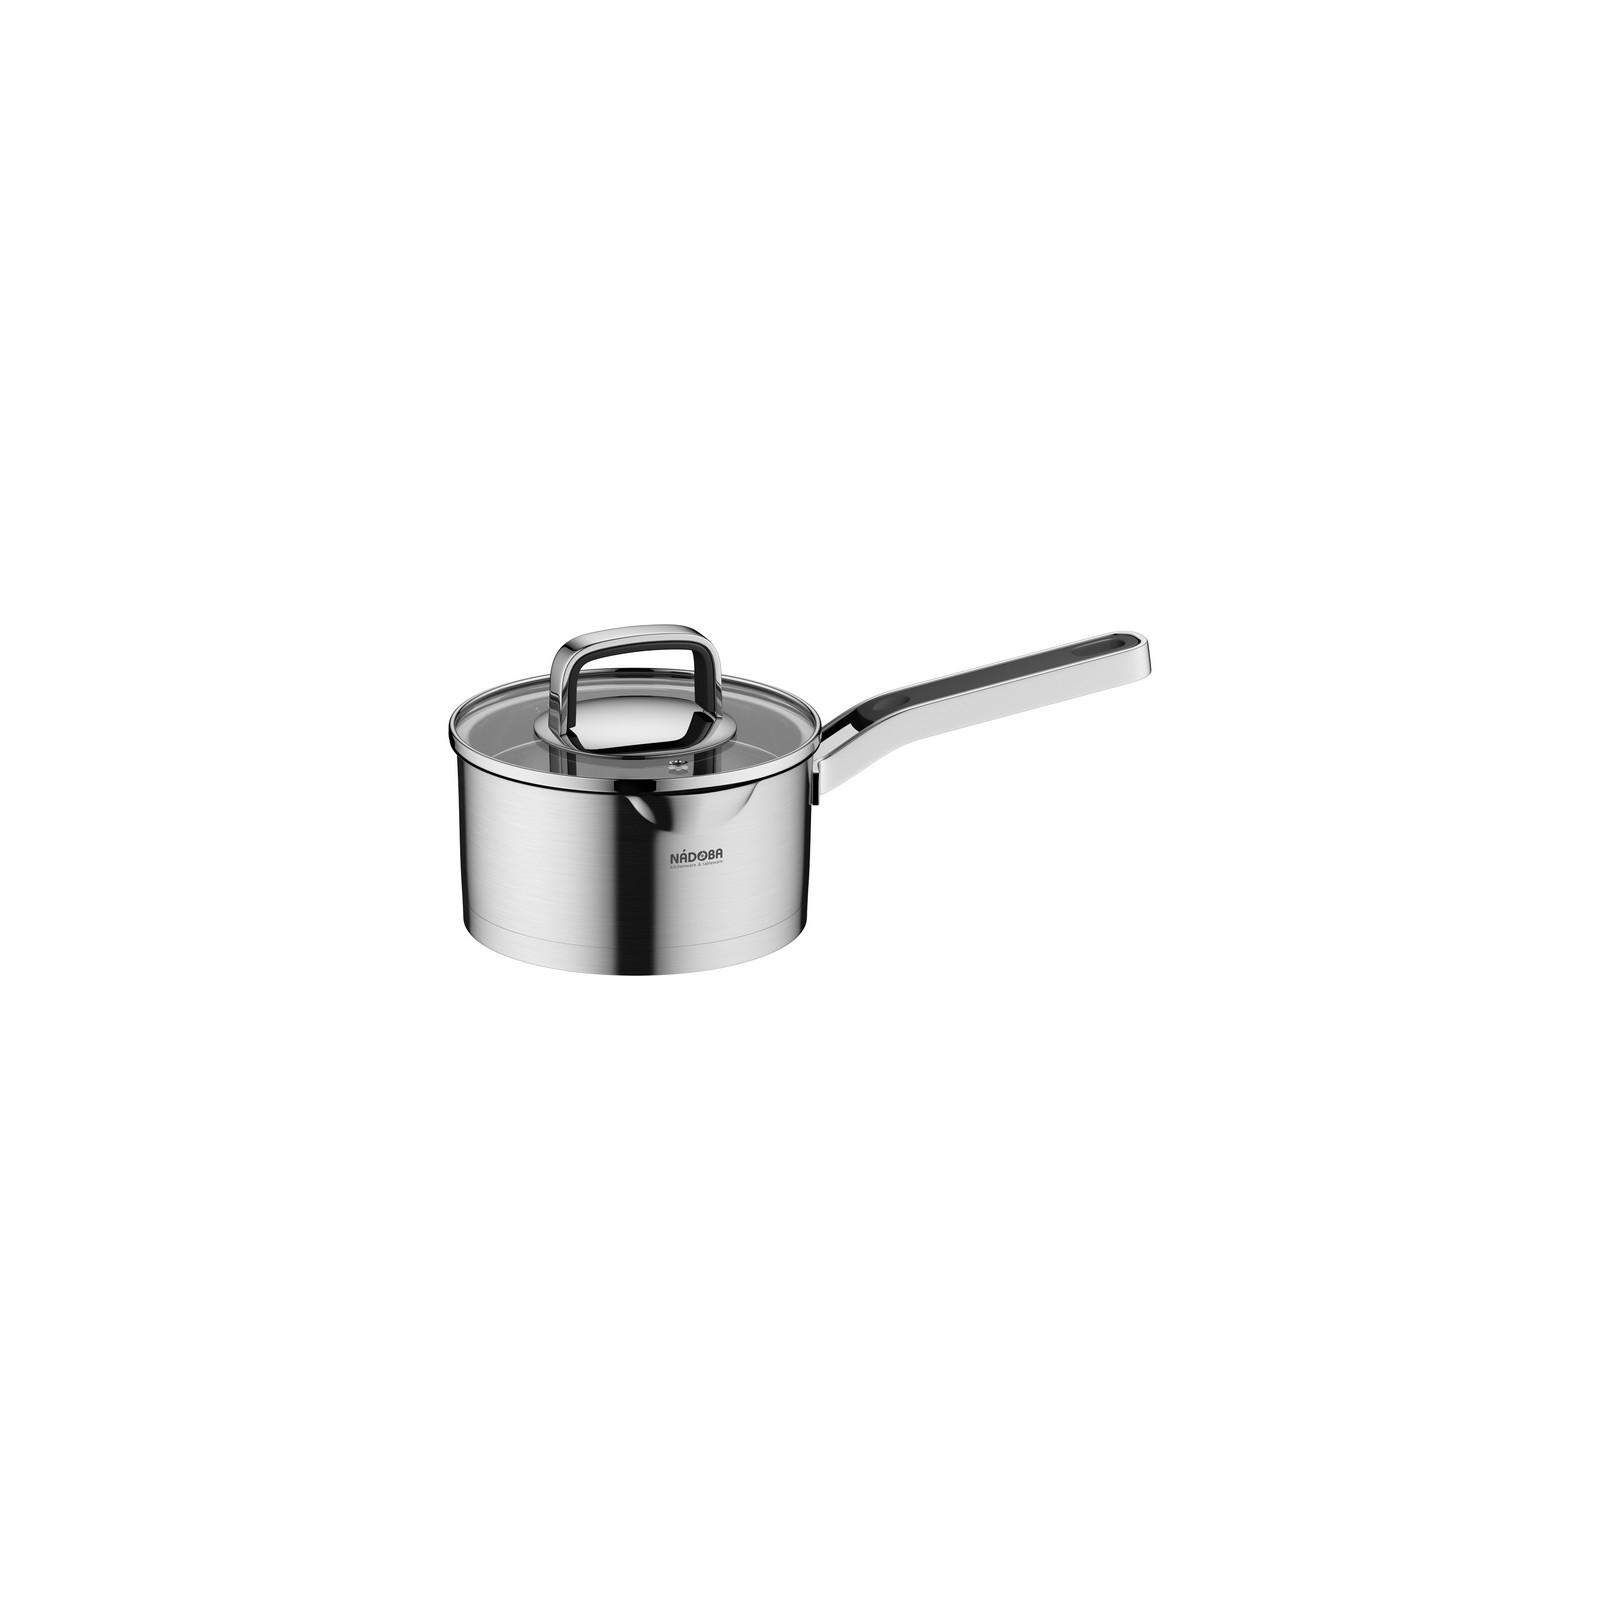 Ковш со стеклянной крышкойNadoba производит высококачественные кухонные инструменты и аксессуары, что подтверждается длительным сроком гарантии. Ковш необходим в каждом доме. Вы останетесь довольны его качеством и эргономичностью.<br>